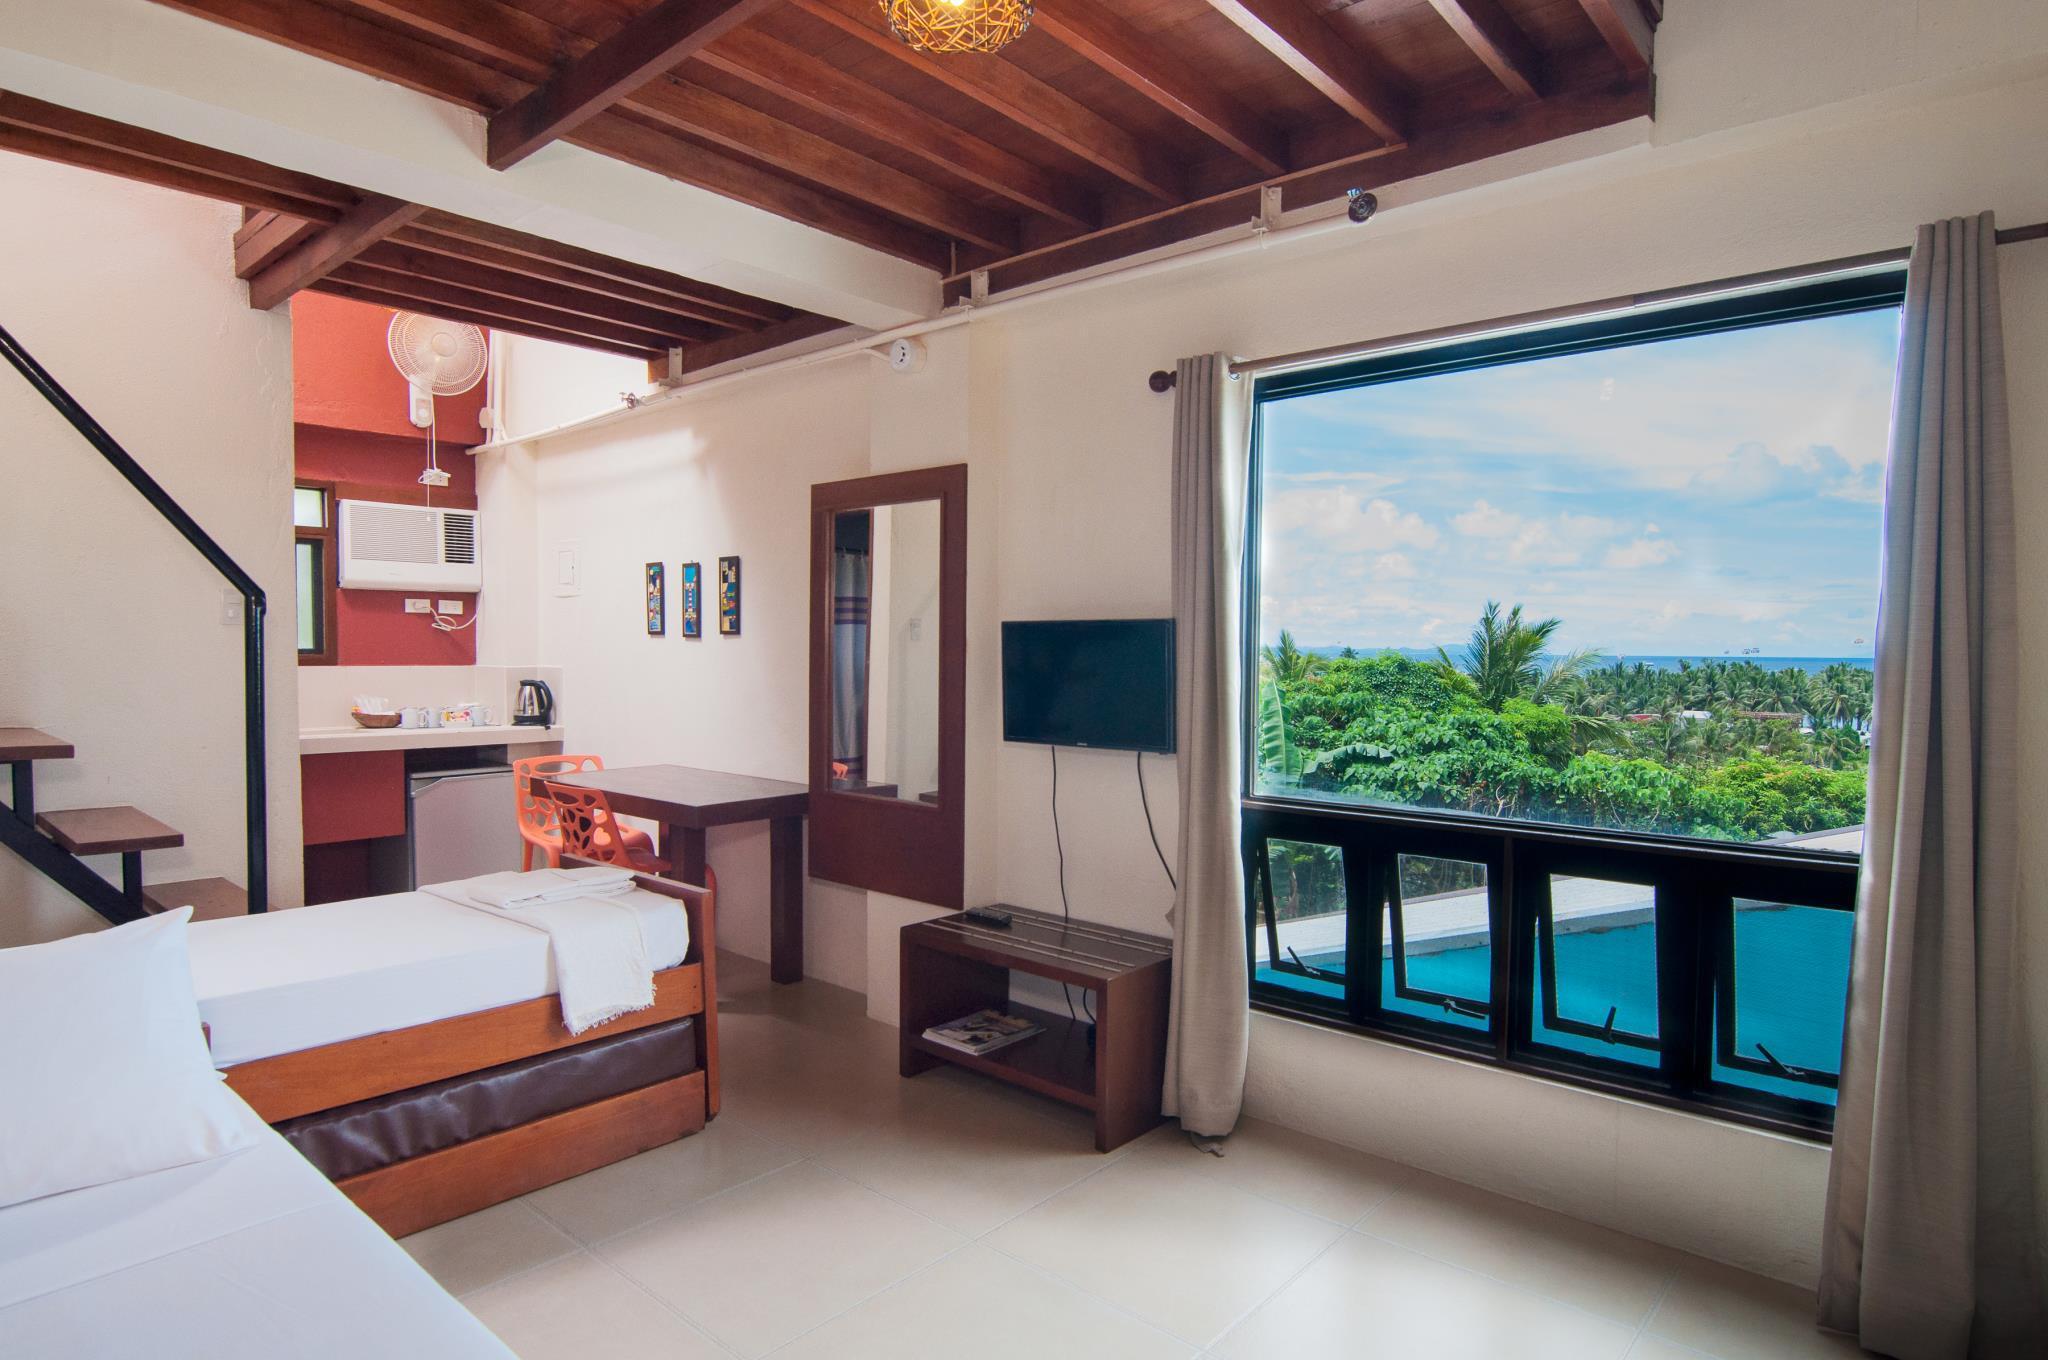 agos boracay rooms and beds in boracay island room deals photos rh agoda com